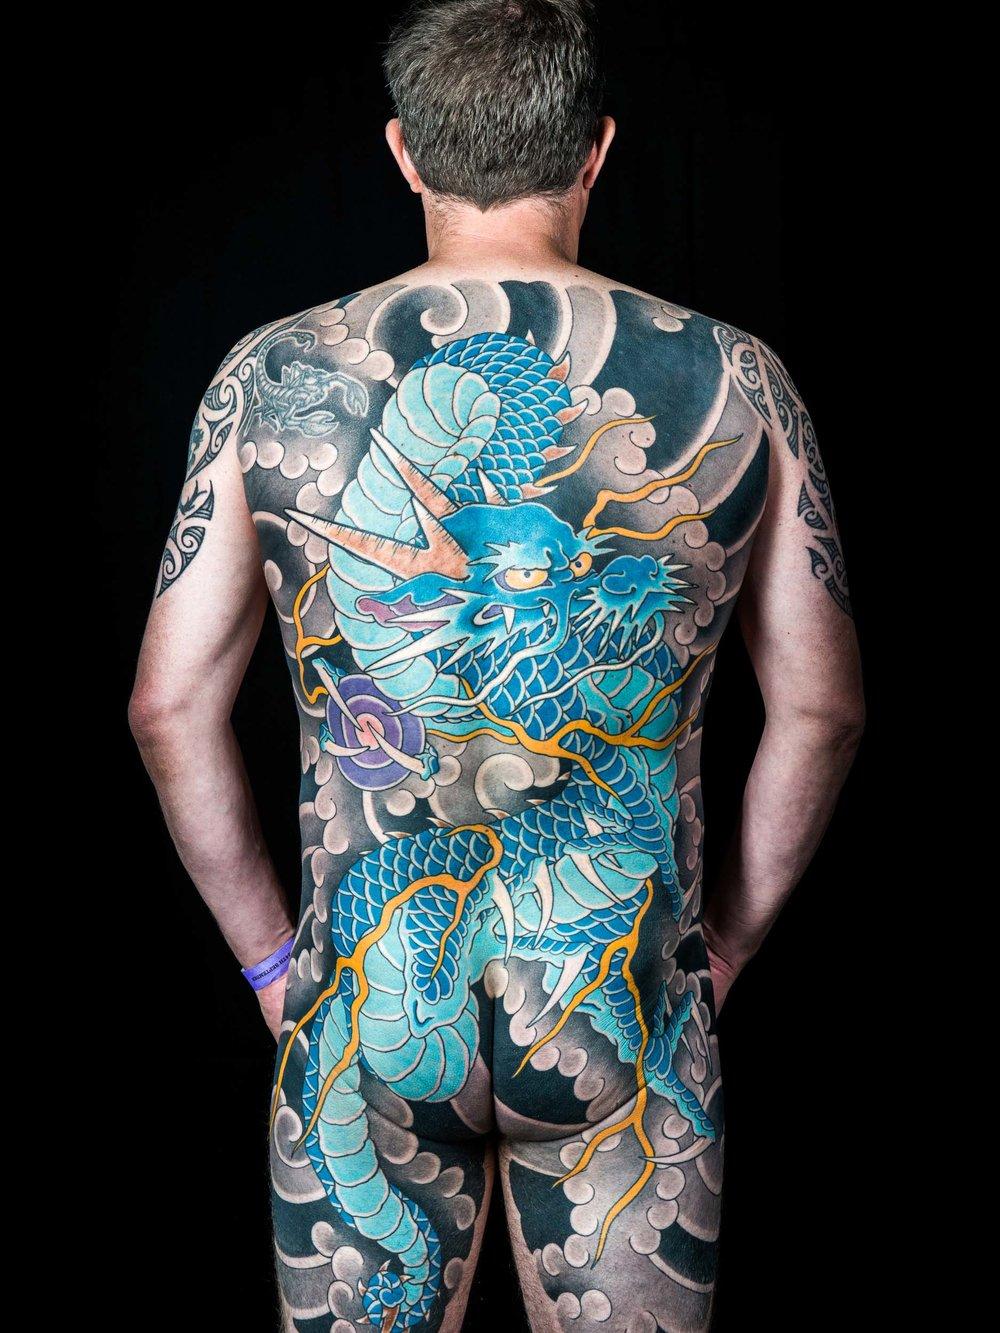 www.iaincrockart.com_tattoo-10.jpg